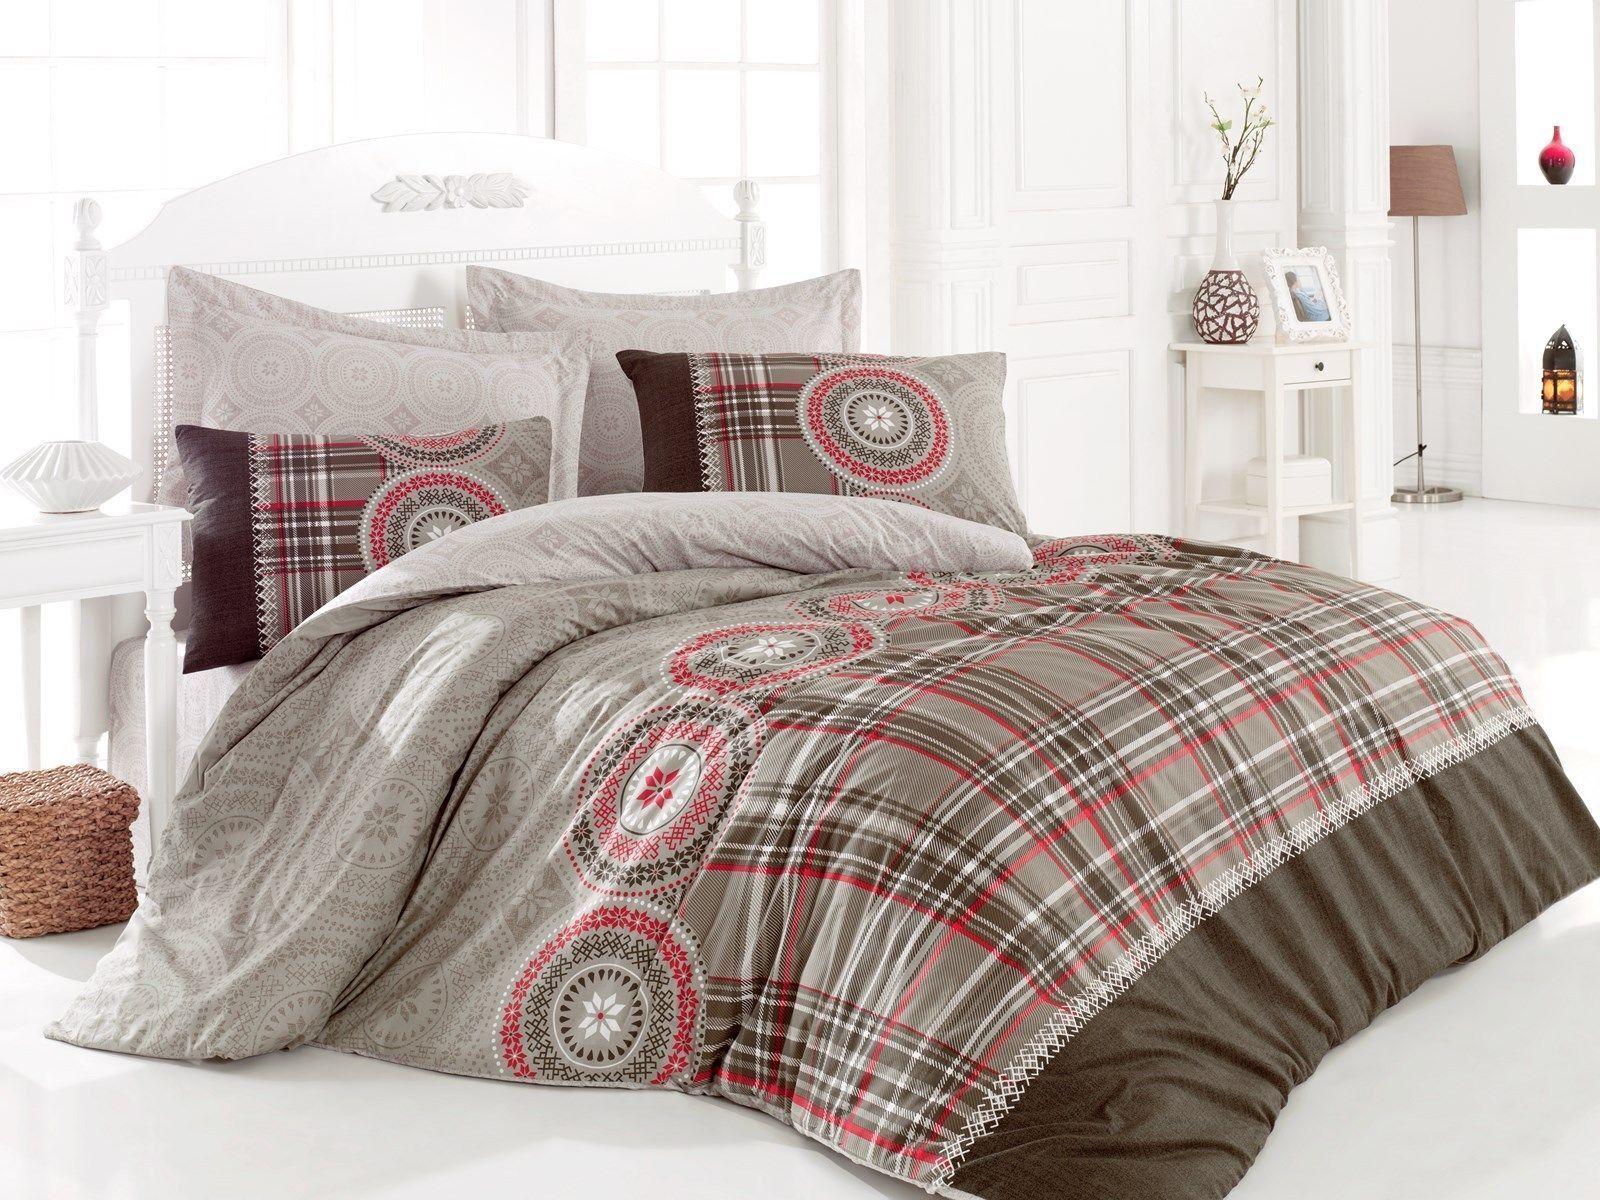 floral duvet cover 100 cotton soft bedding set reversible queen king ebay. Black Bedroom Furniture Sets. Home Design Ideas